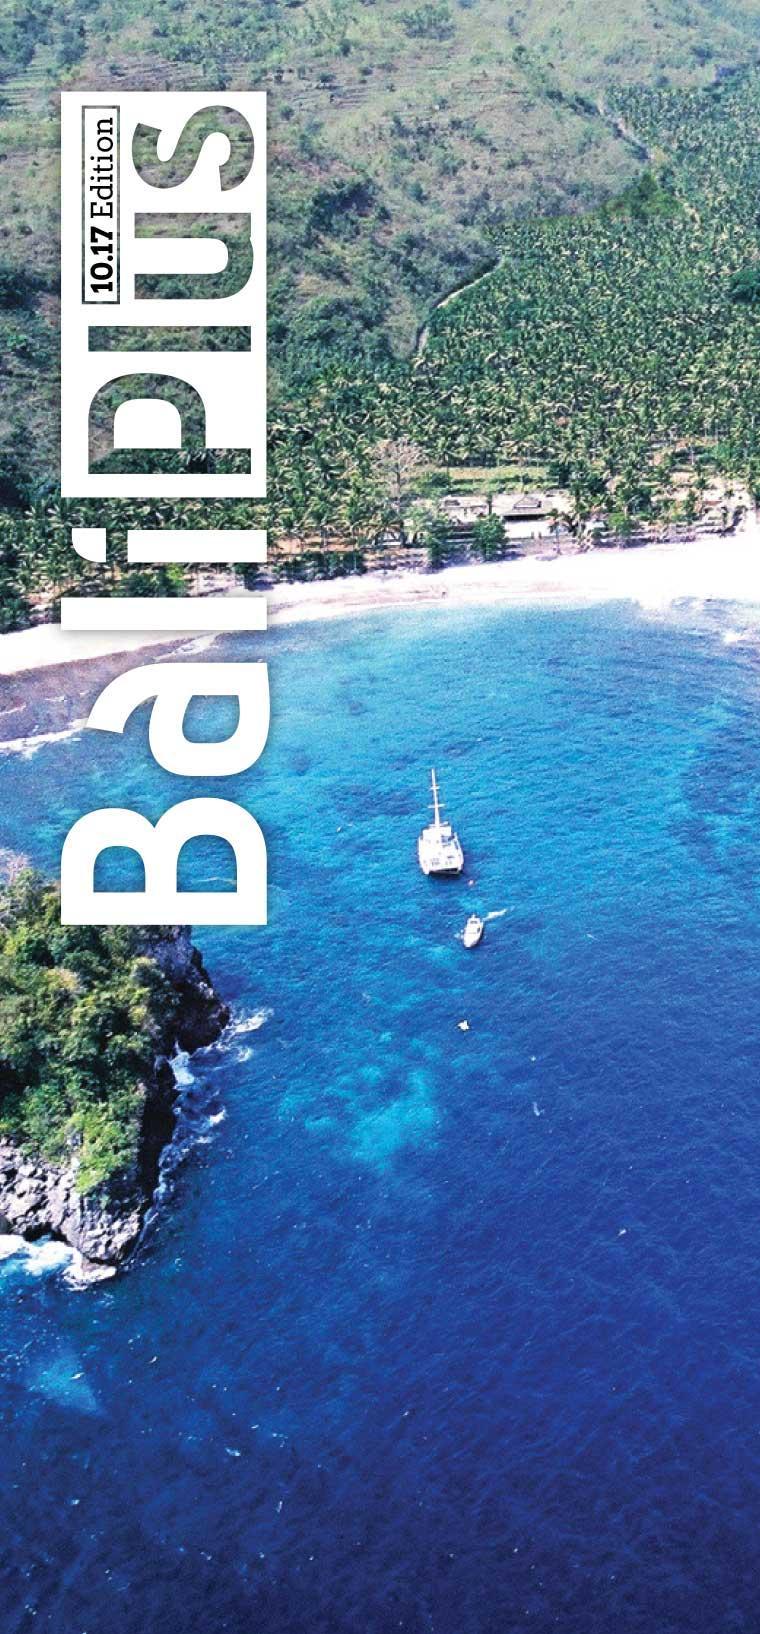 Majalah Digital BALI PLUS Oktober 2017